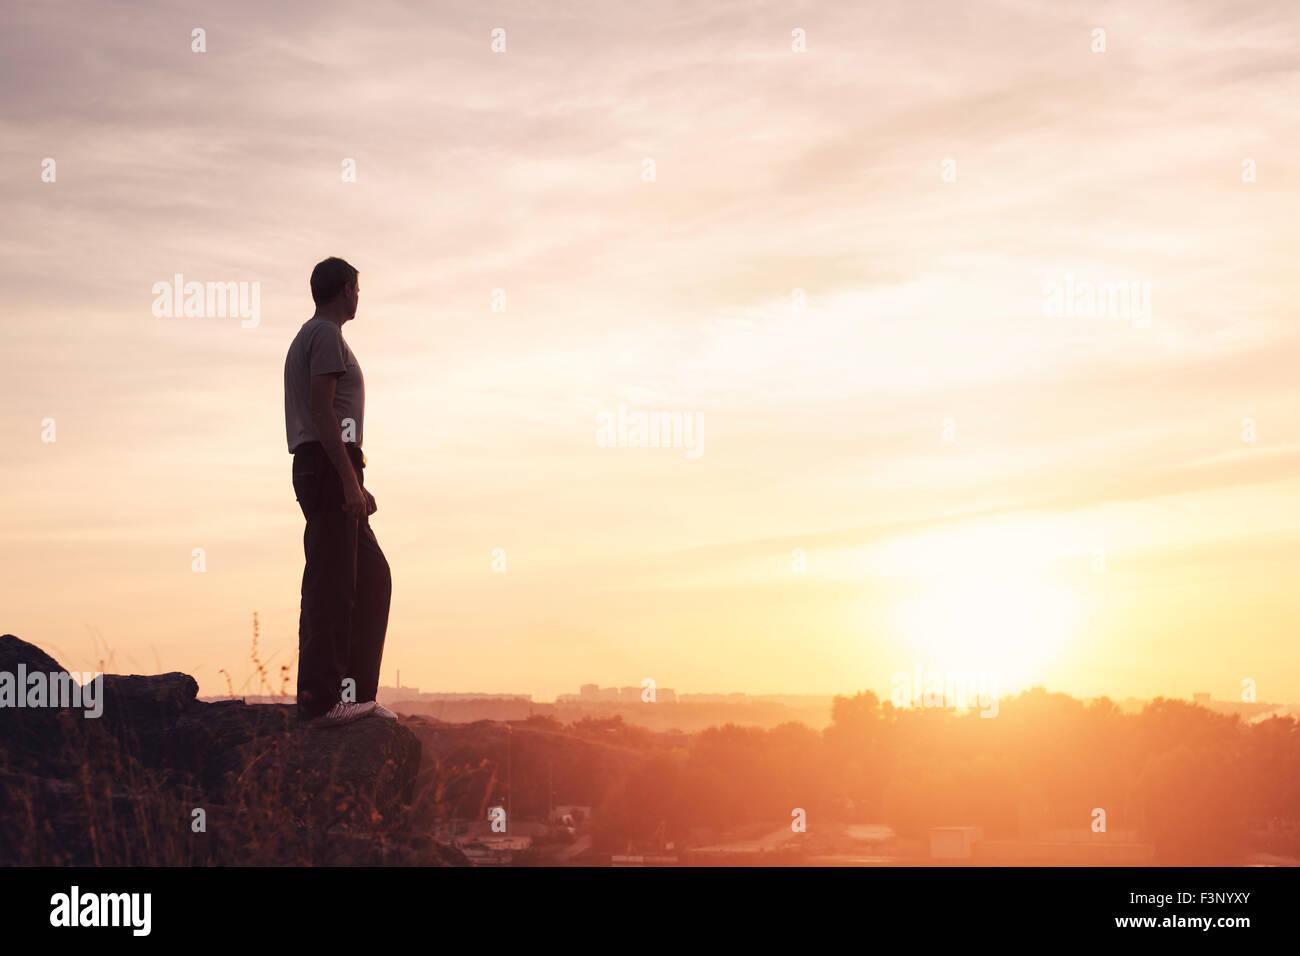 Silhouette di un uomo con sollevata in armi il bellissimo tramonto sulla montagna. Sfondo Immagini Stock